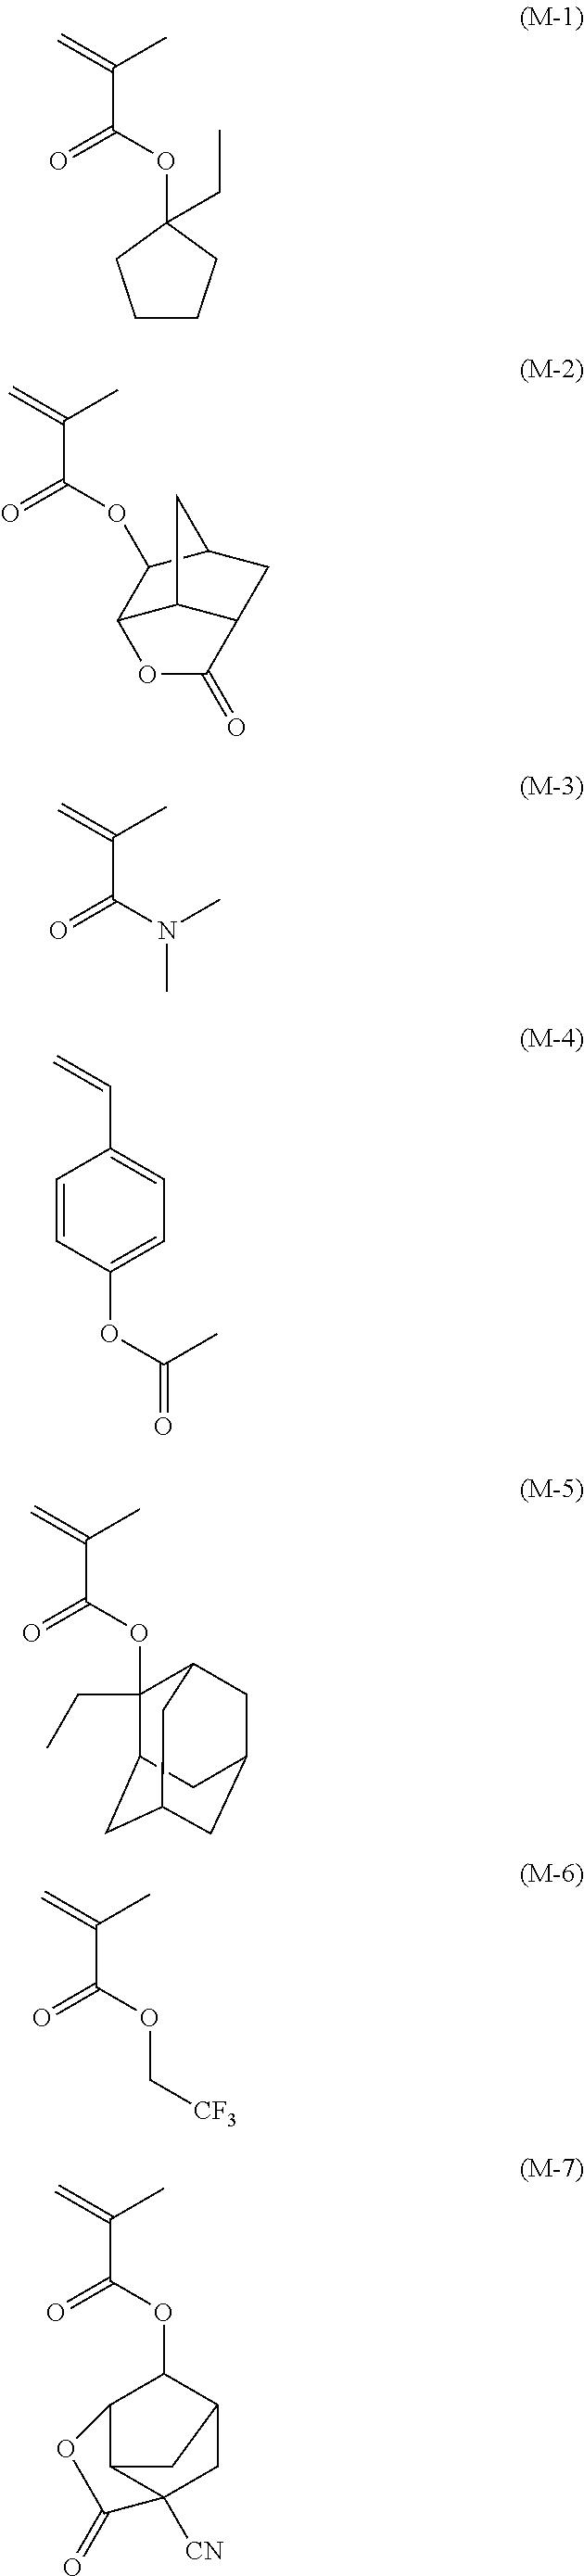 Figure US09477149-20161025-C00054